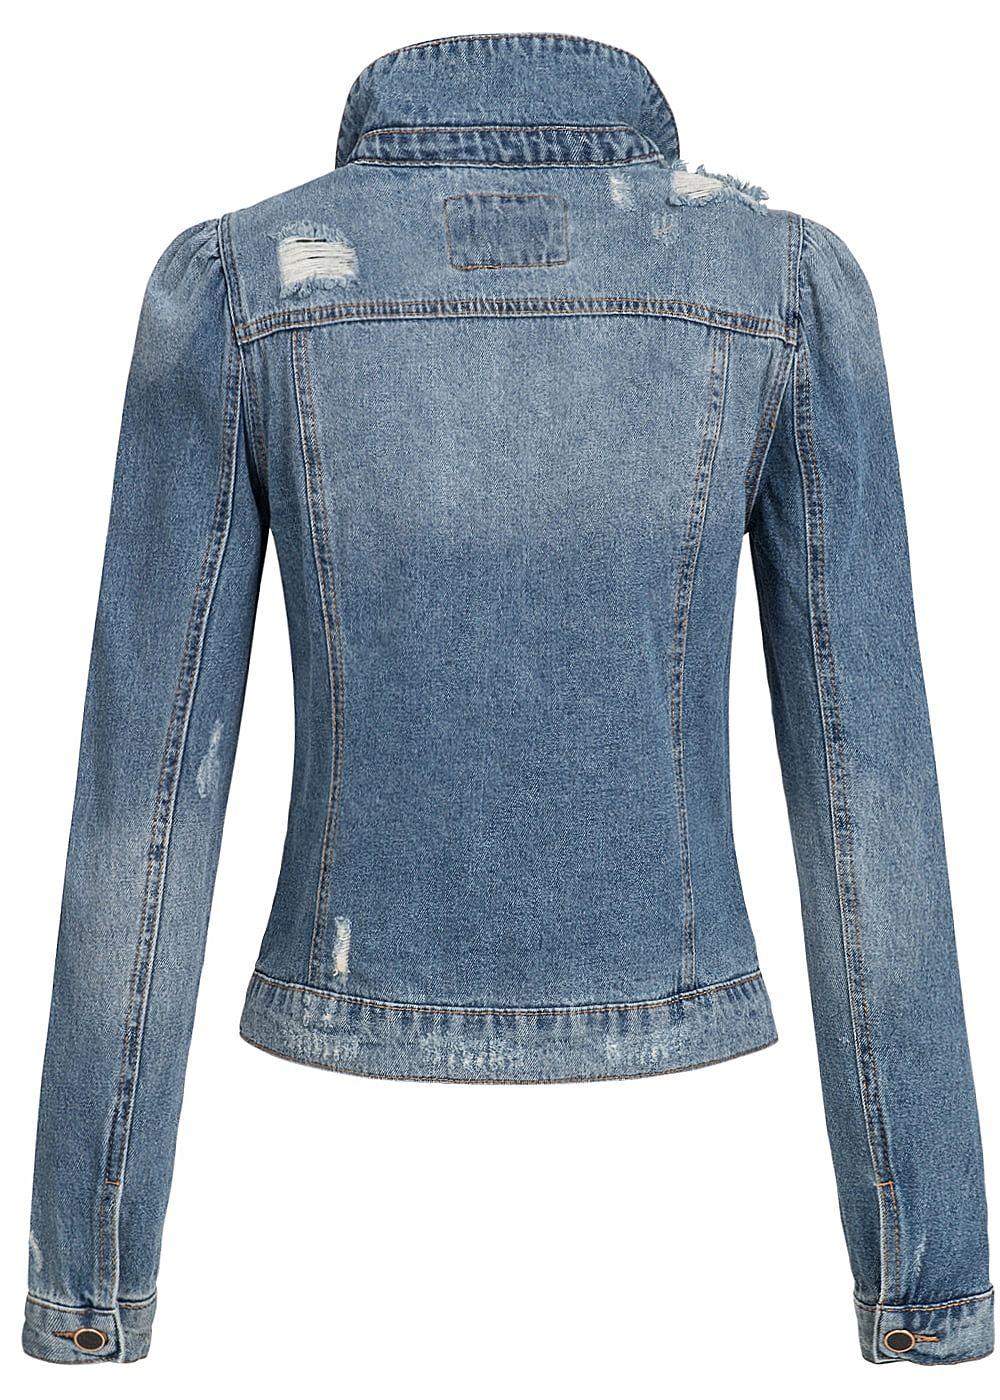 only damen jeans jacke destroy look 2 brusttaschen medium. Black Bedroom Furniture Sets. Home Design Ideas